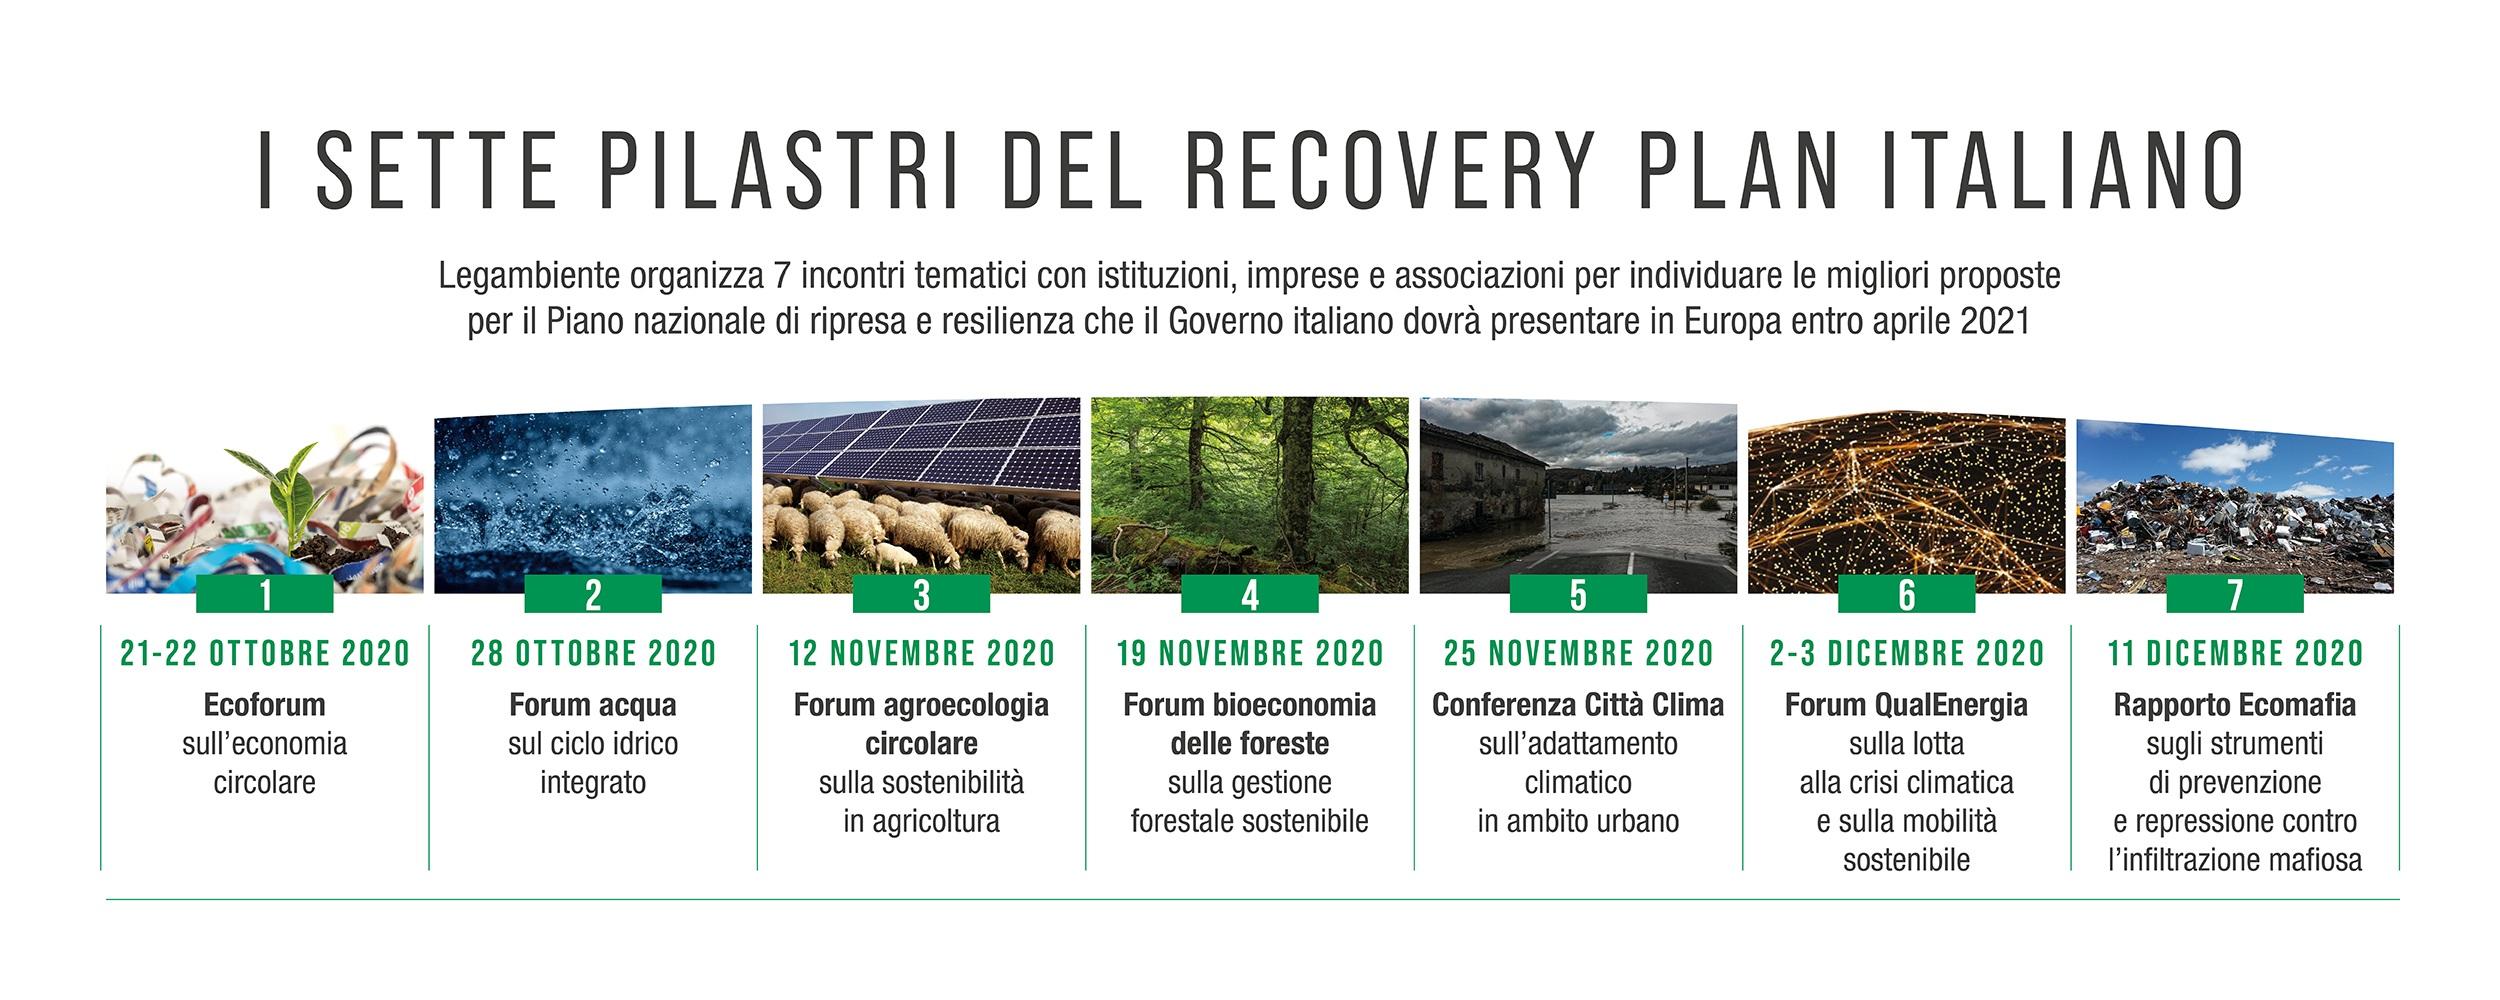 I 7 pilastri del Recovery Plan italiano